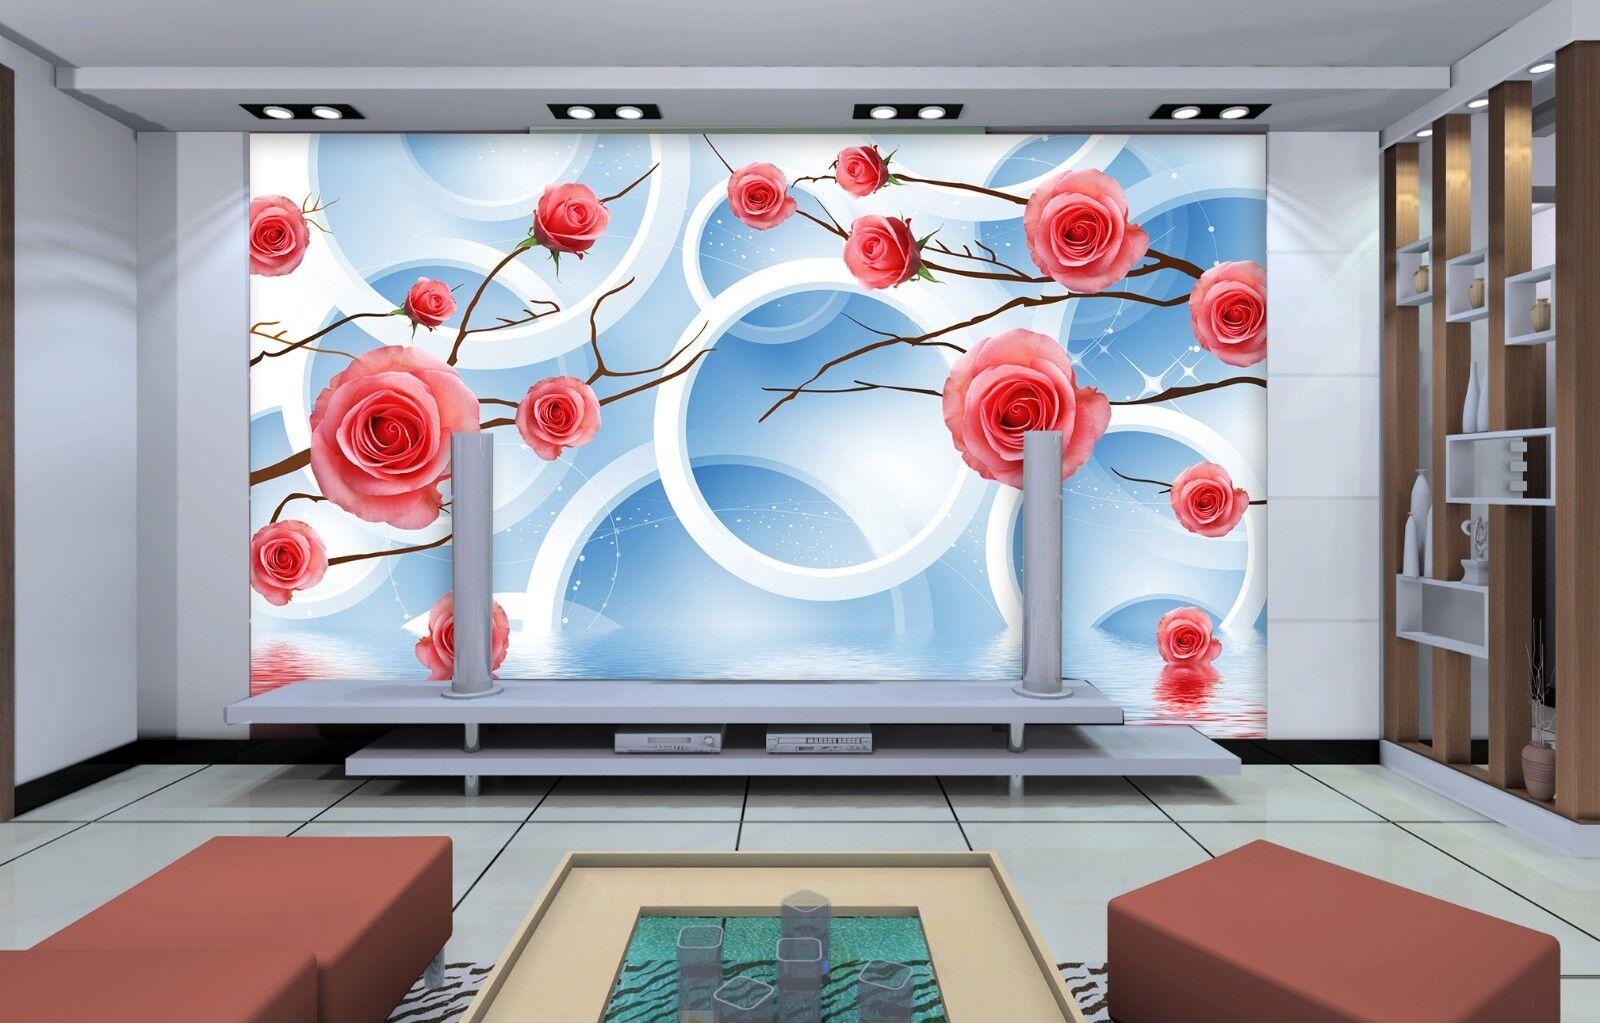 3D Blaumen Kunst Muster 8083 Tapete Wandgemälde Tapeten Bild Familie DE Jenny | Erlesene Materialien  | Sonderkauf  | New Product 2019